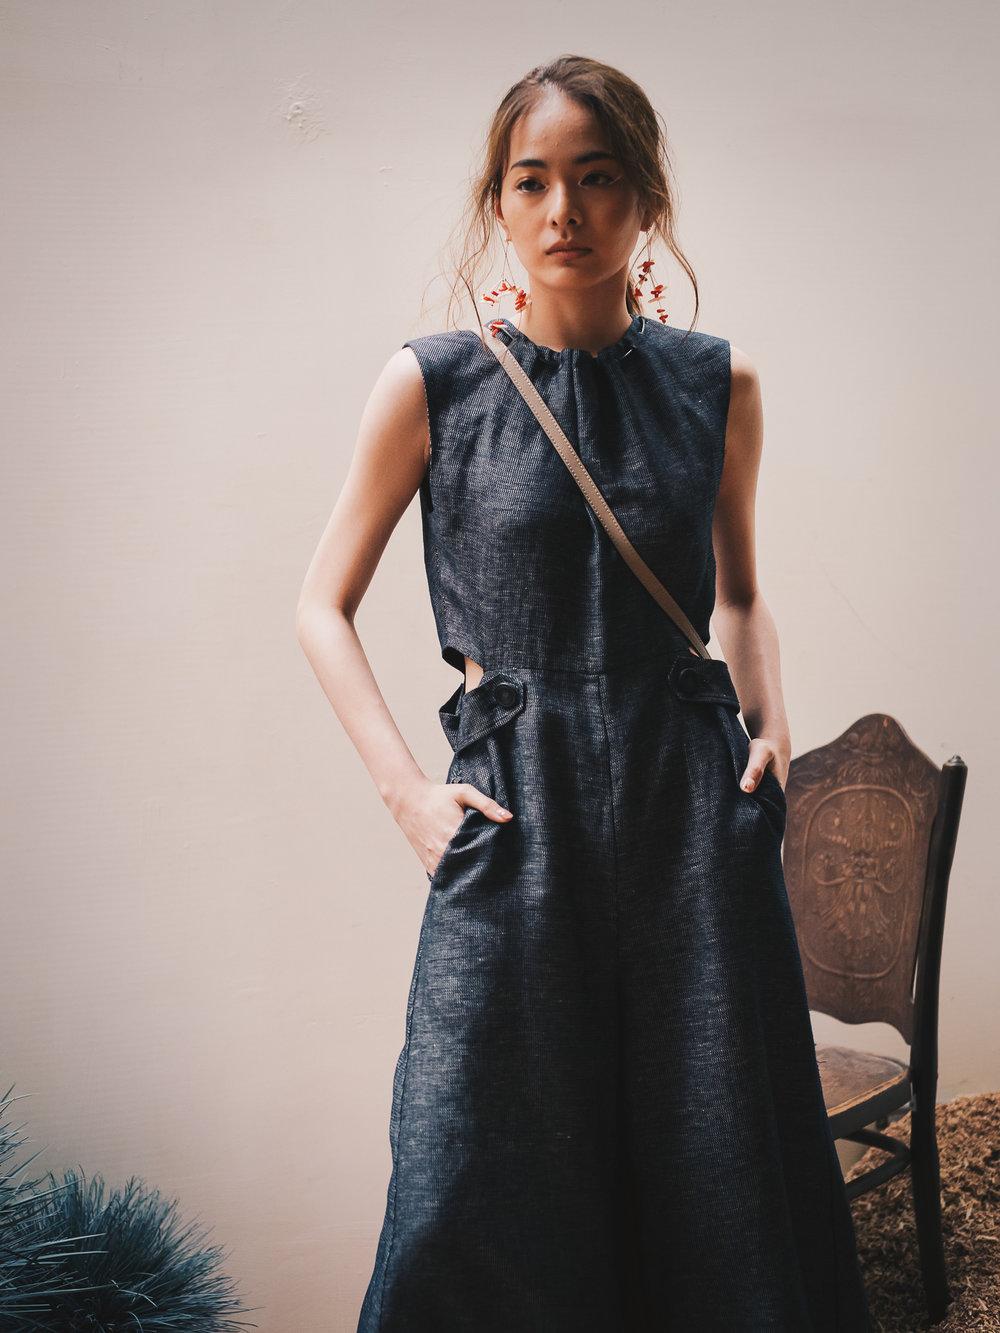 Ullnaka Dress Code 2018 - Olympus E-M1MarkII 2512 - Yes! Please Enjoy-27.jpg